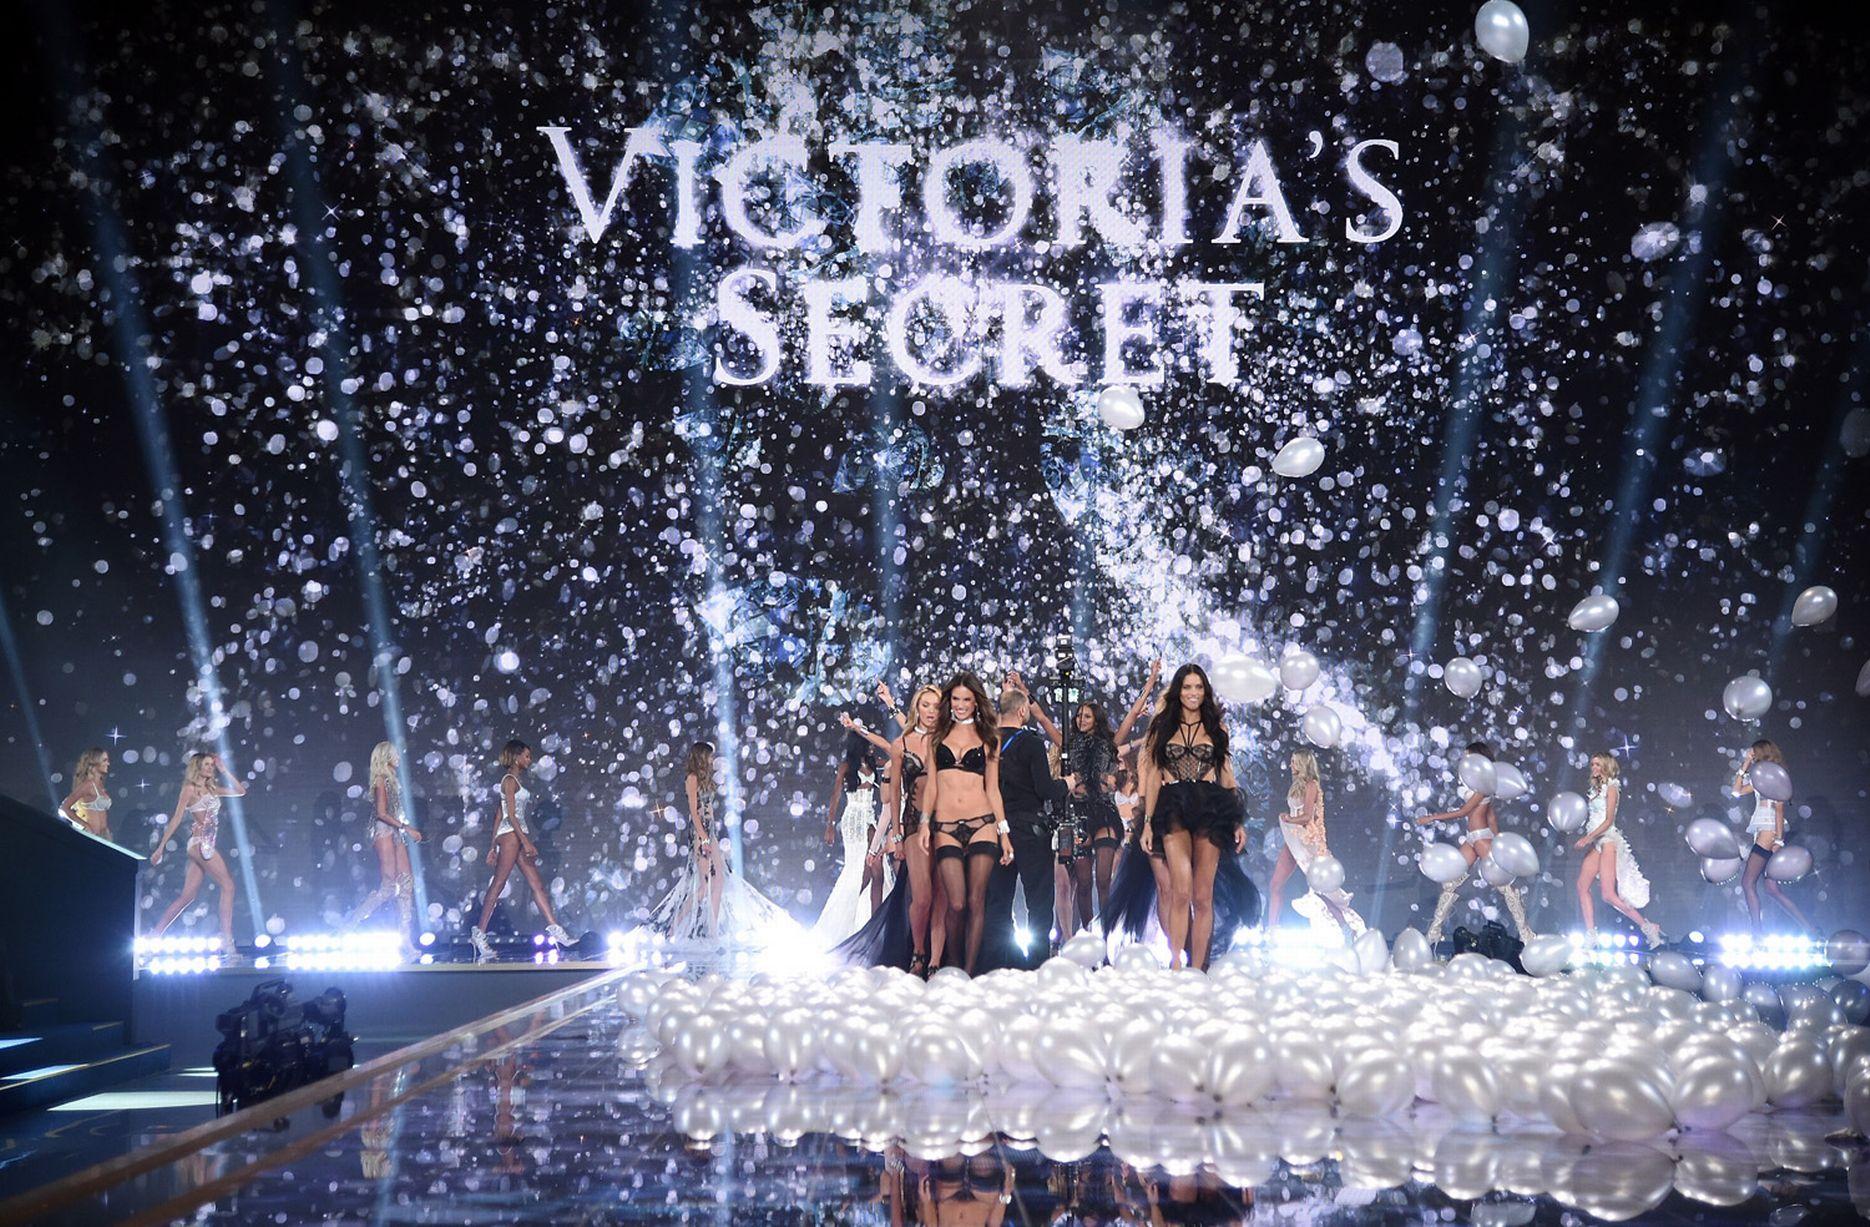 Victorias-Secret-Fashion-Show-2014 (9)